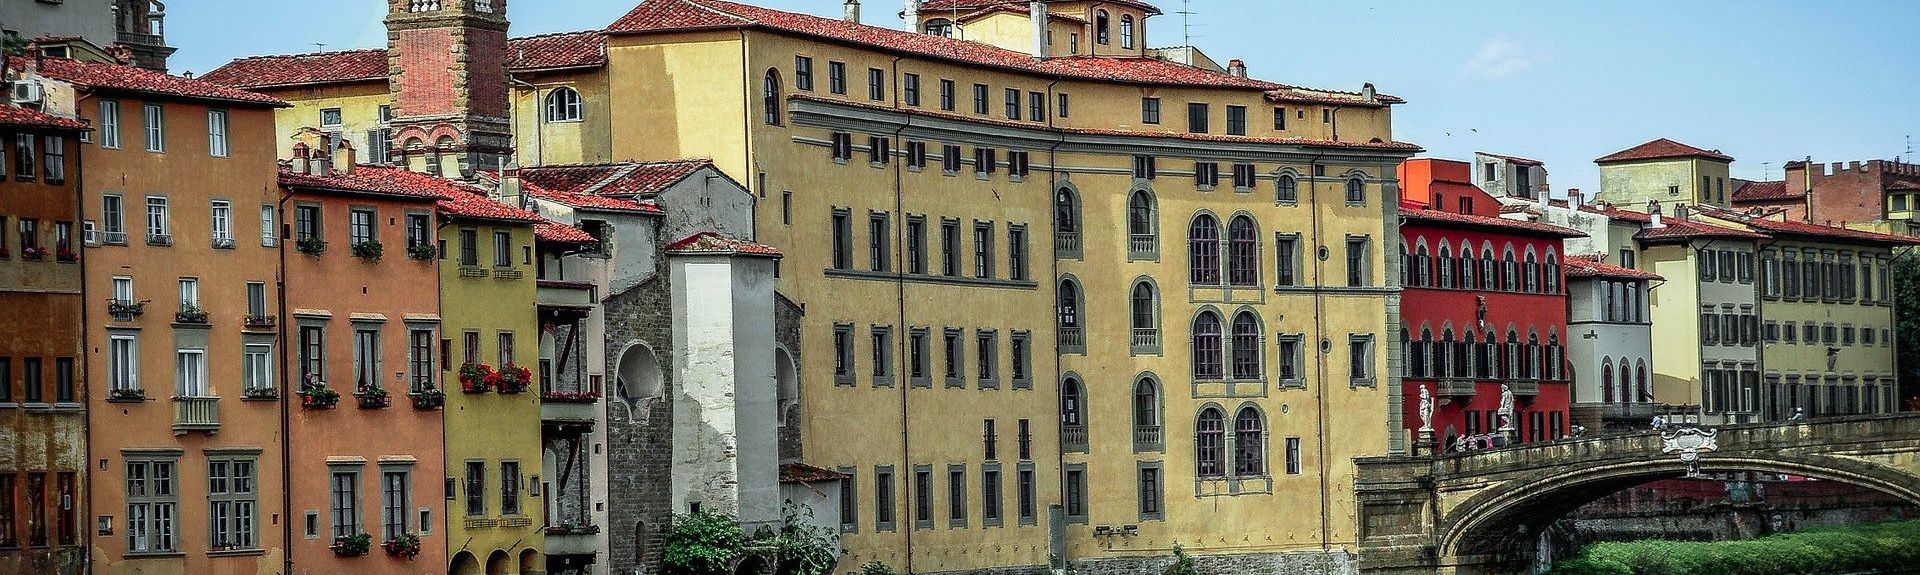 Montespertoli, Tuscany, Italy